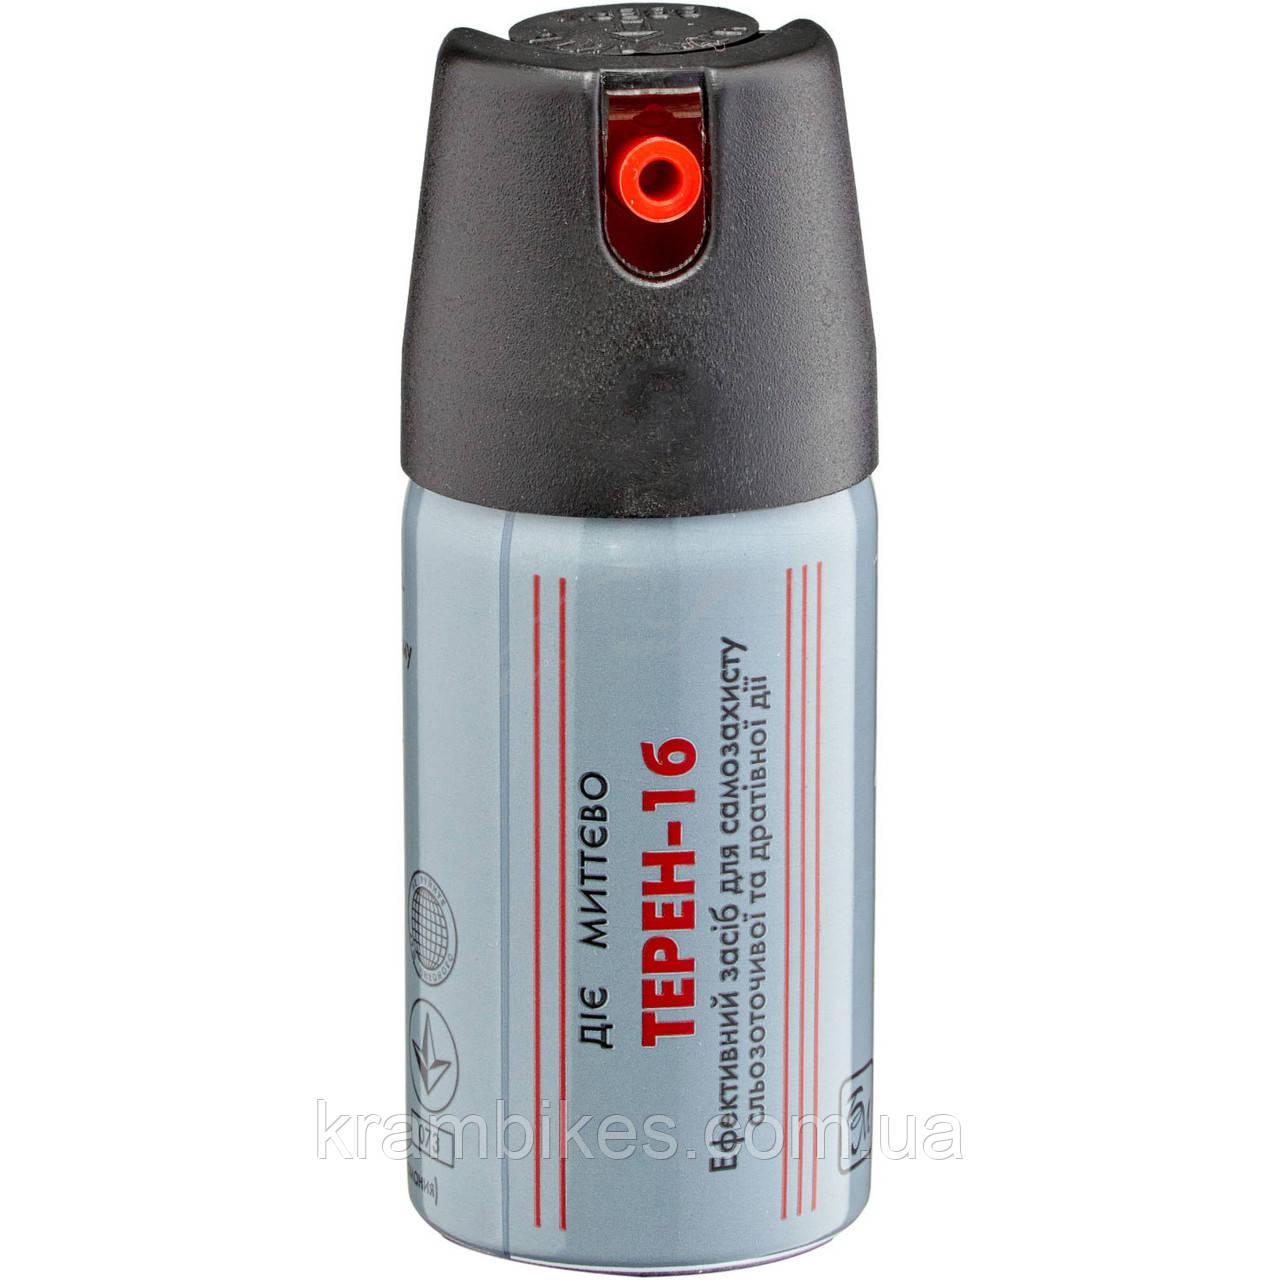 Газовый балончик Терен-1Б